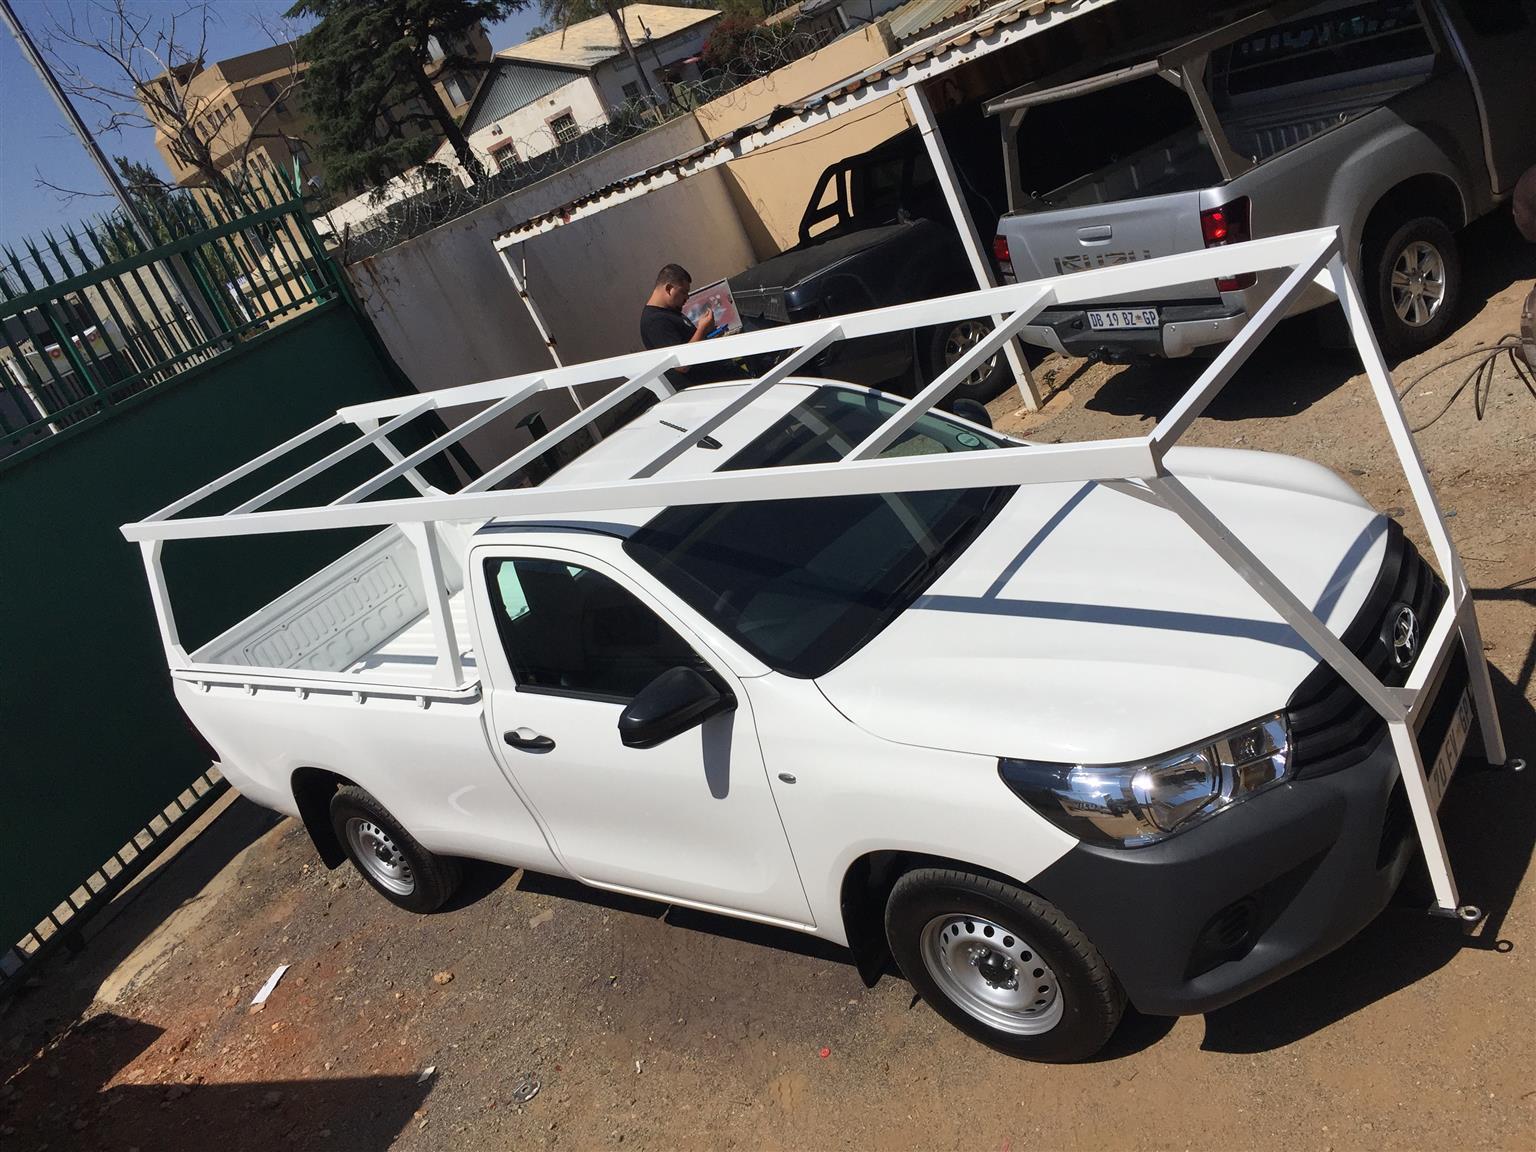 Contractors pick up bakkie roof racks installed